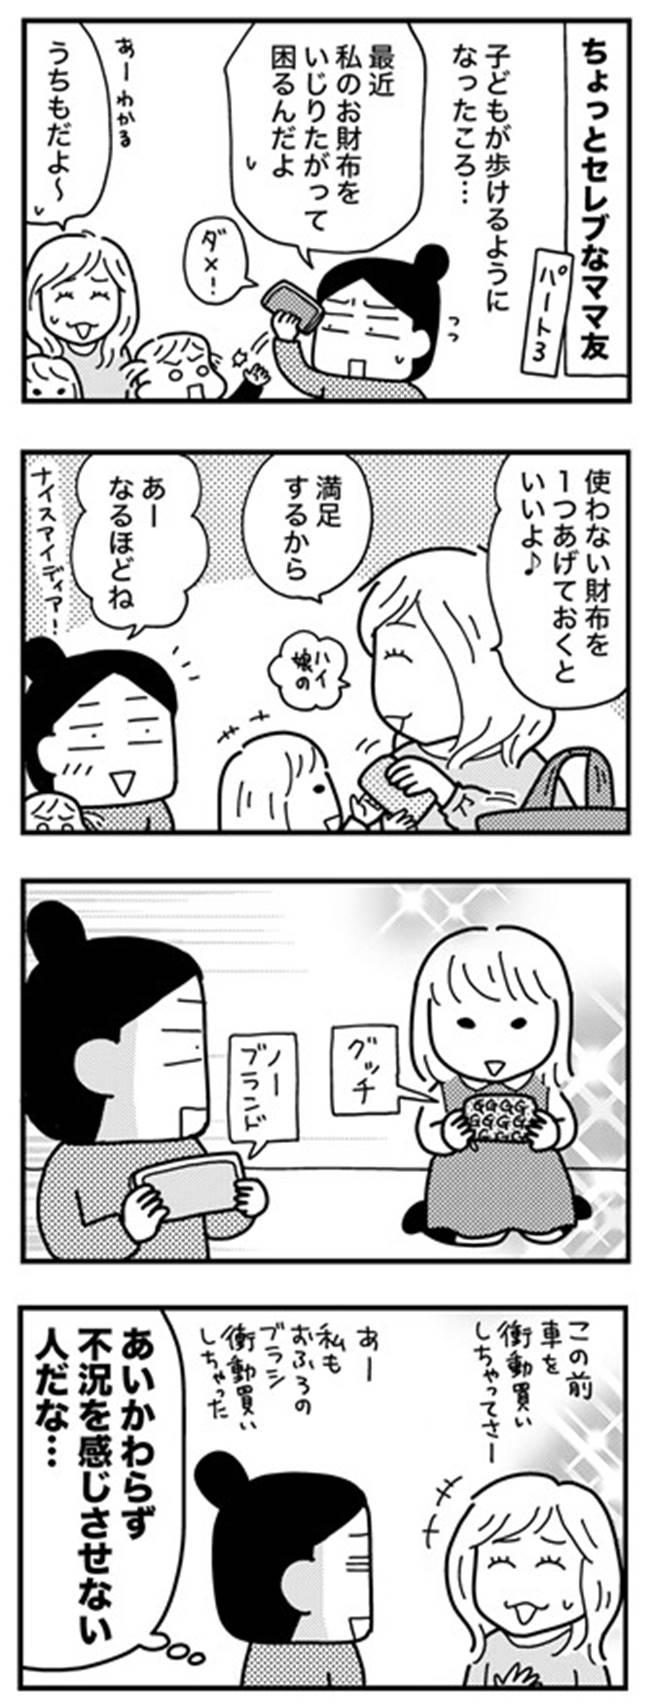 和田さん124話